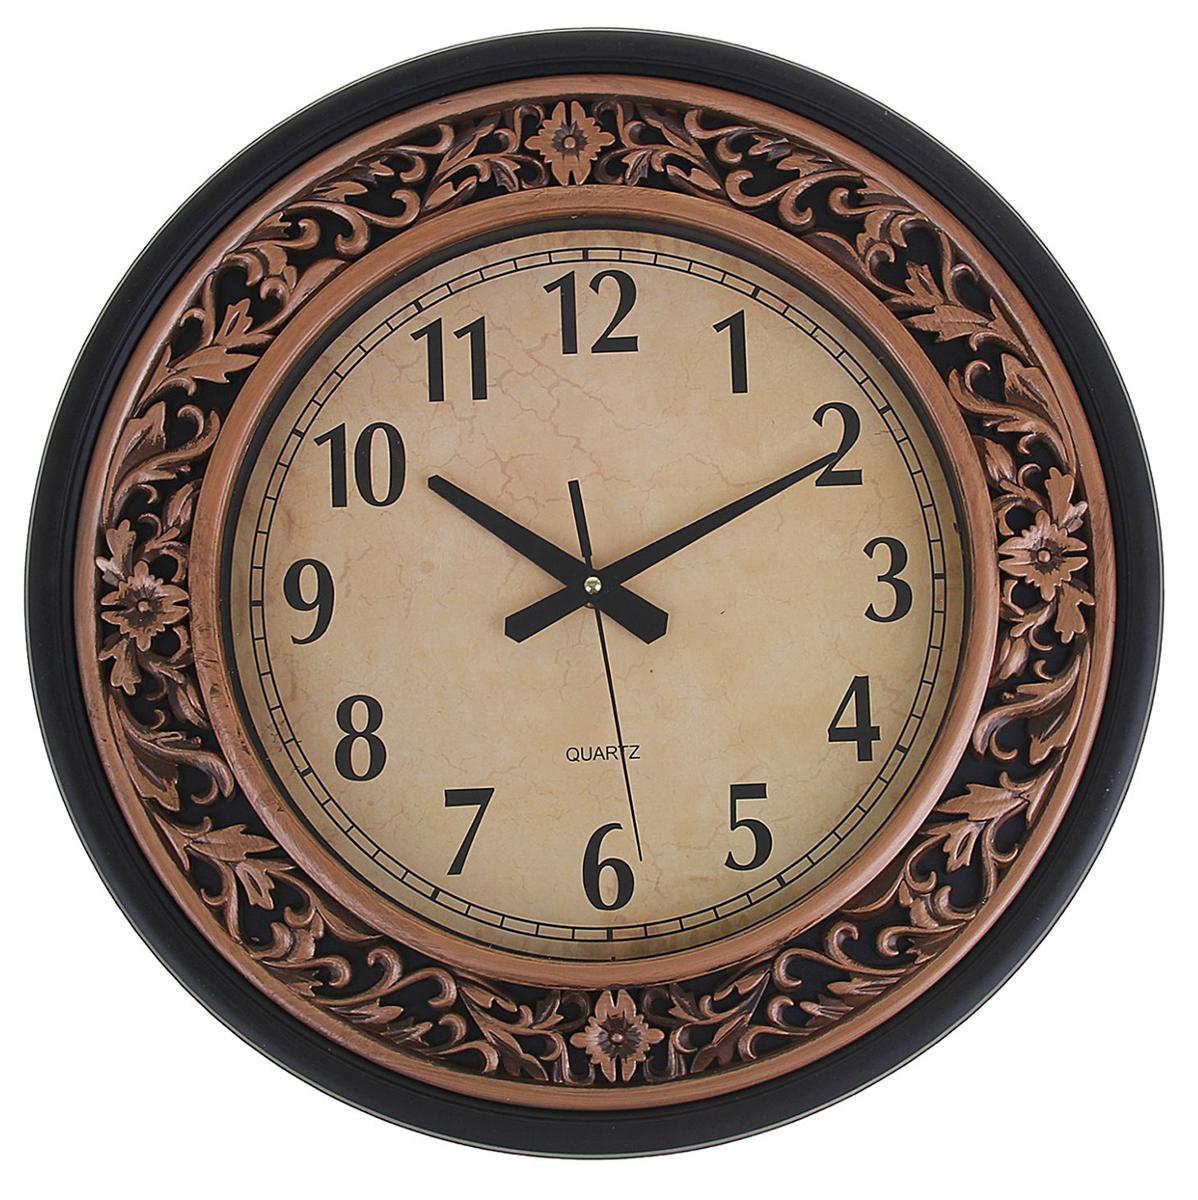 Часы настенные Золото, диаметр 38 см1249681Каждому хозяину периодически приходит мысль обновить свою квартиру, сделать ремонт, перестановку или кардинально поменять внешний вид каждой комнаты. Часы настенные круглые Серия Золото. Классика, d=38 см, рама коричневая, вставки под бронзу — привлекательная деталь, которая поможет воплотить вашу интерьерную идею, создать неповторимую атмосферу в вашем доме. Окружите себя приятными мелочами, пусть они радуют глаз и дарят гармонию.Часы настенные серия Золото, круг, рама коричневая, вставки бронза d=38см 1249681